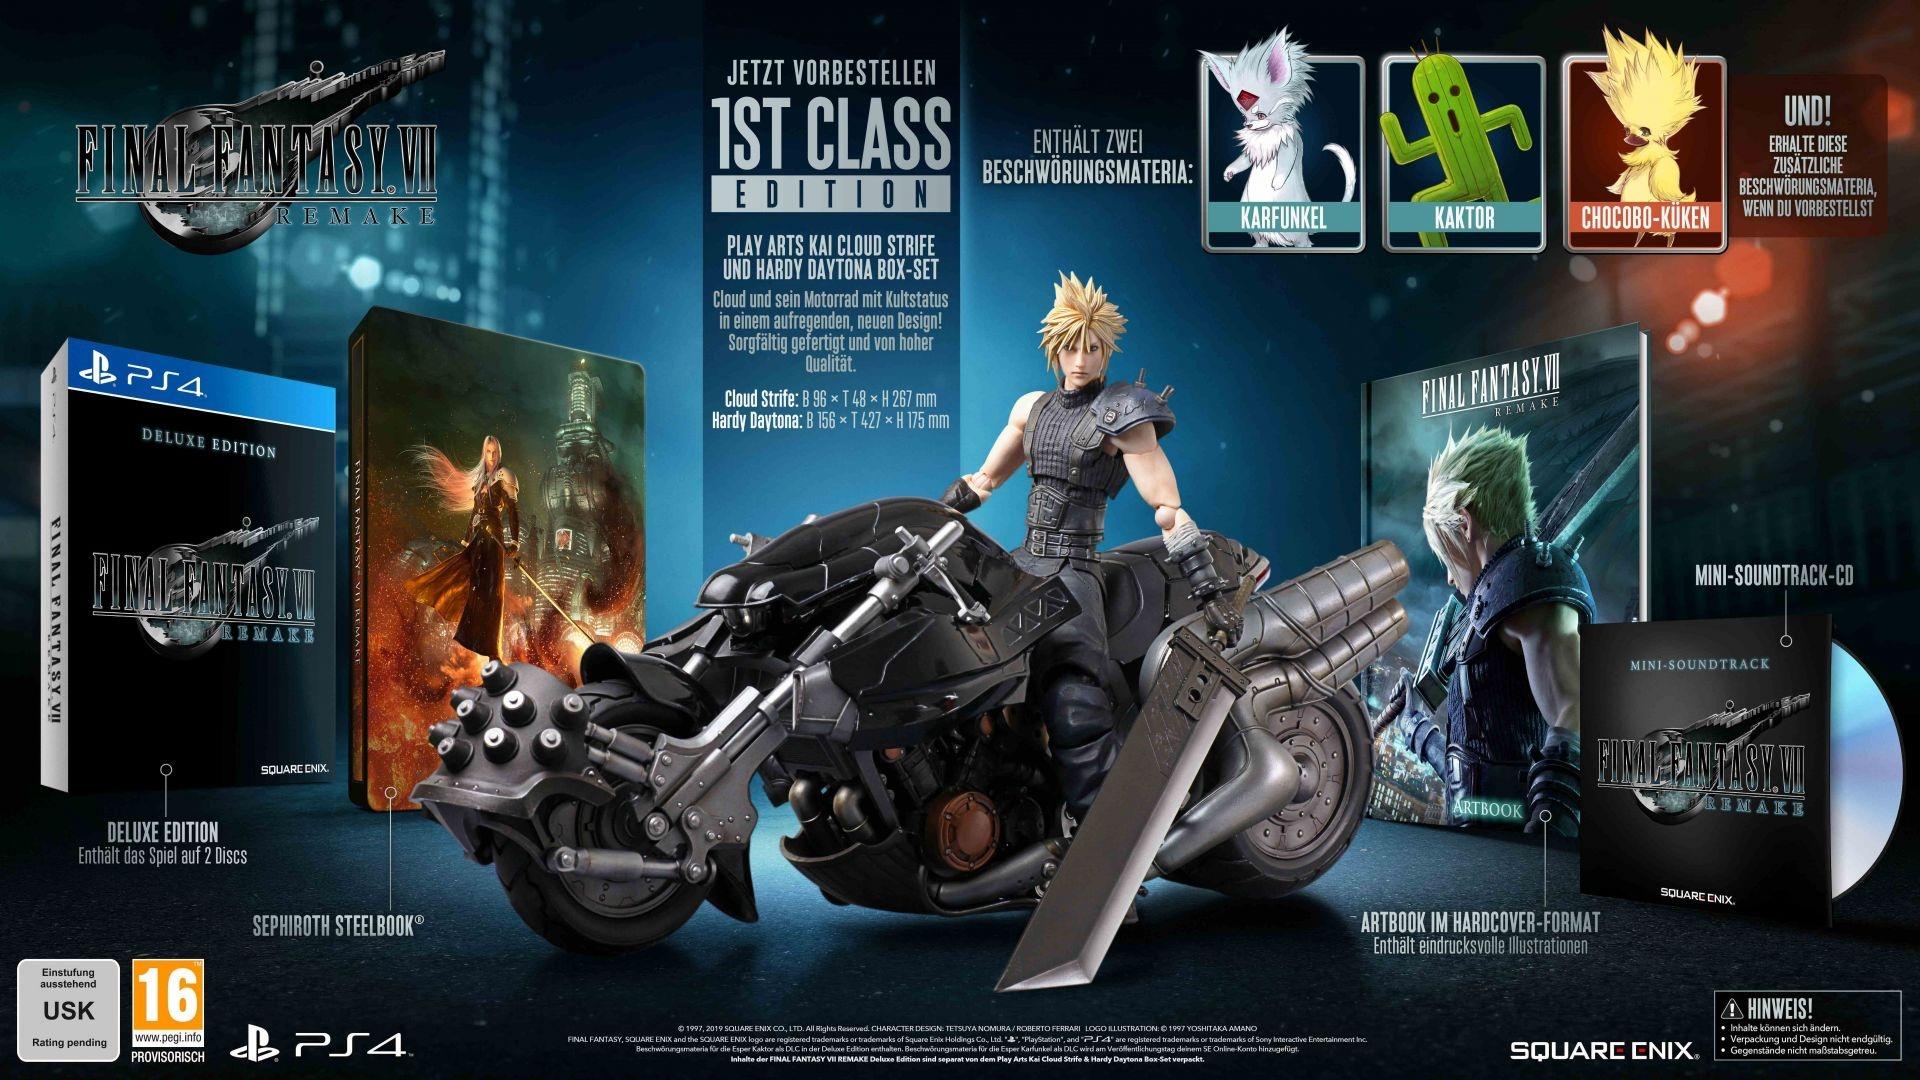 Final Fantasy VII Remake – 1st Class Edition für 300 Euro